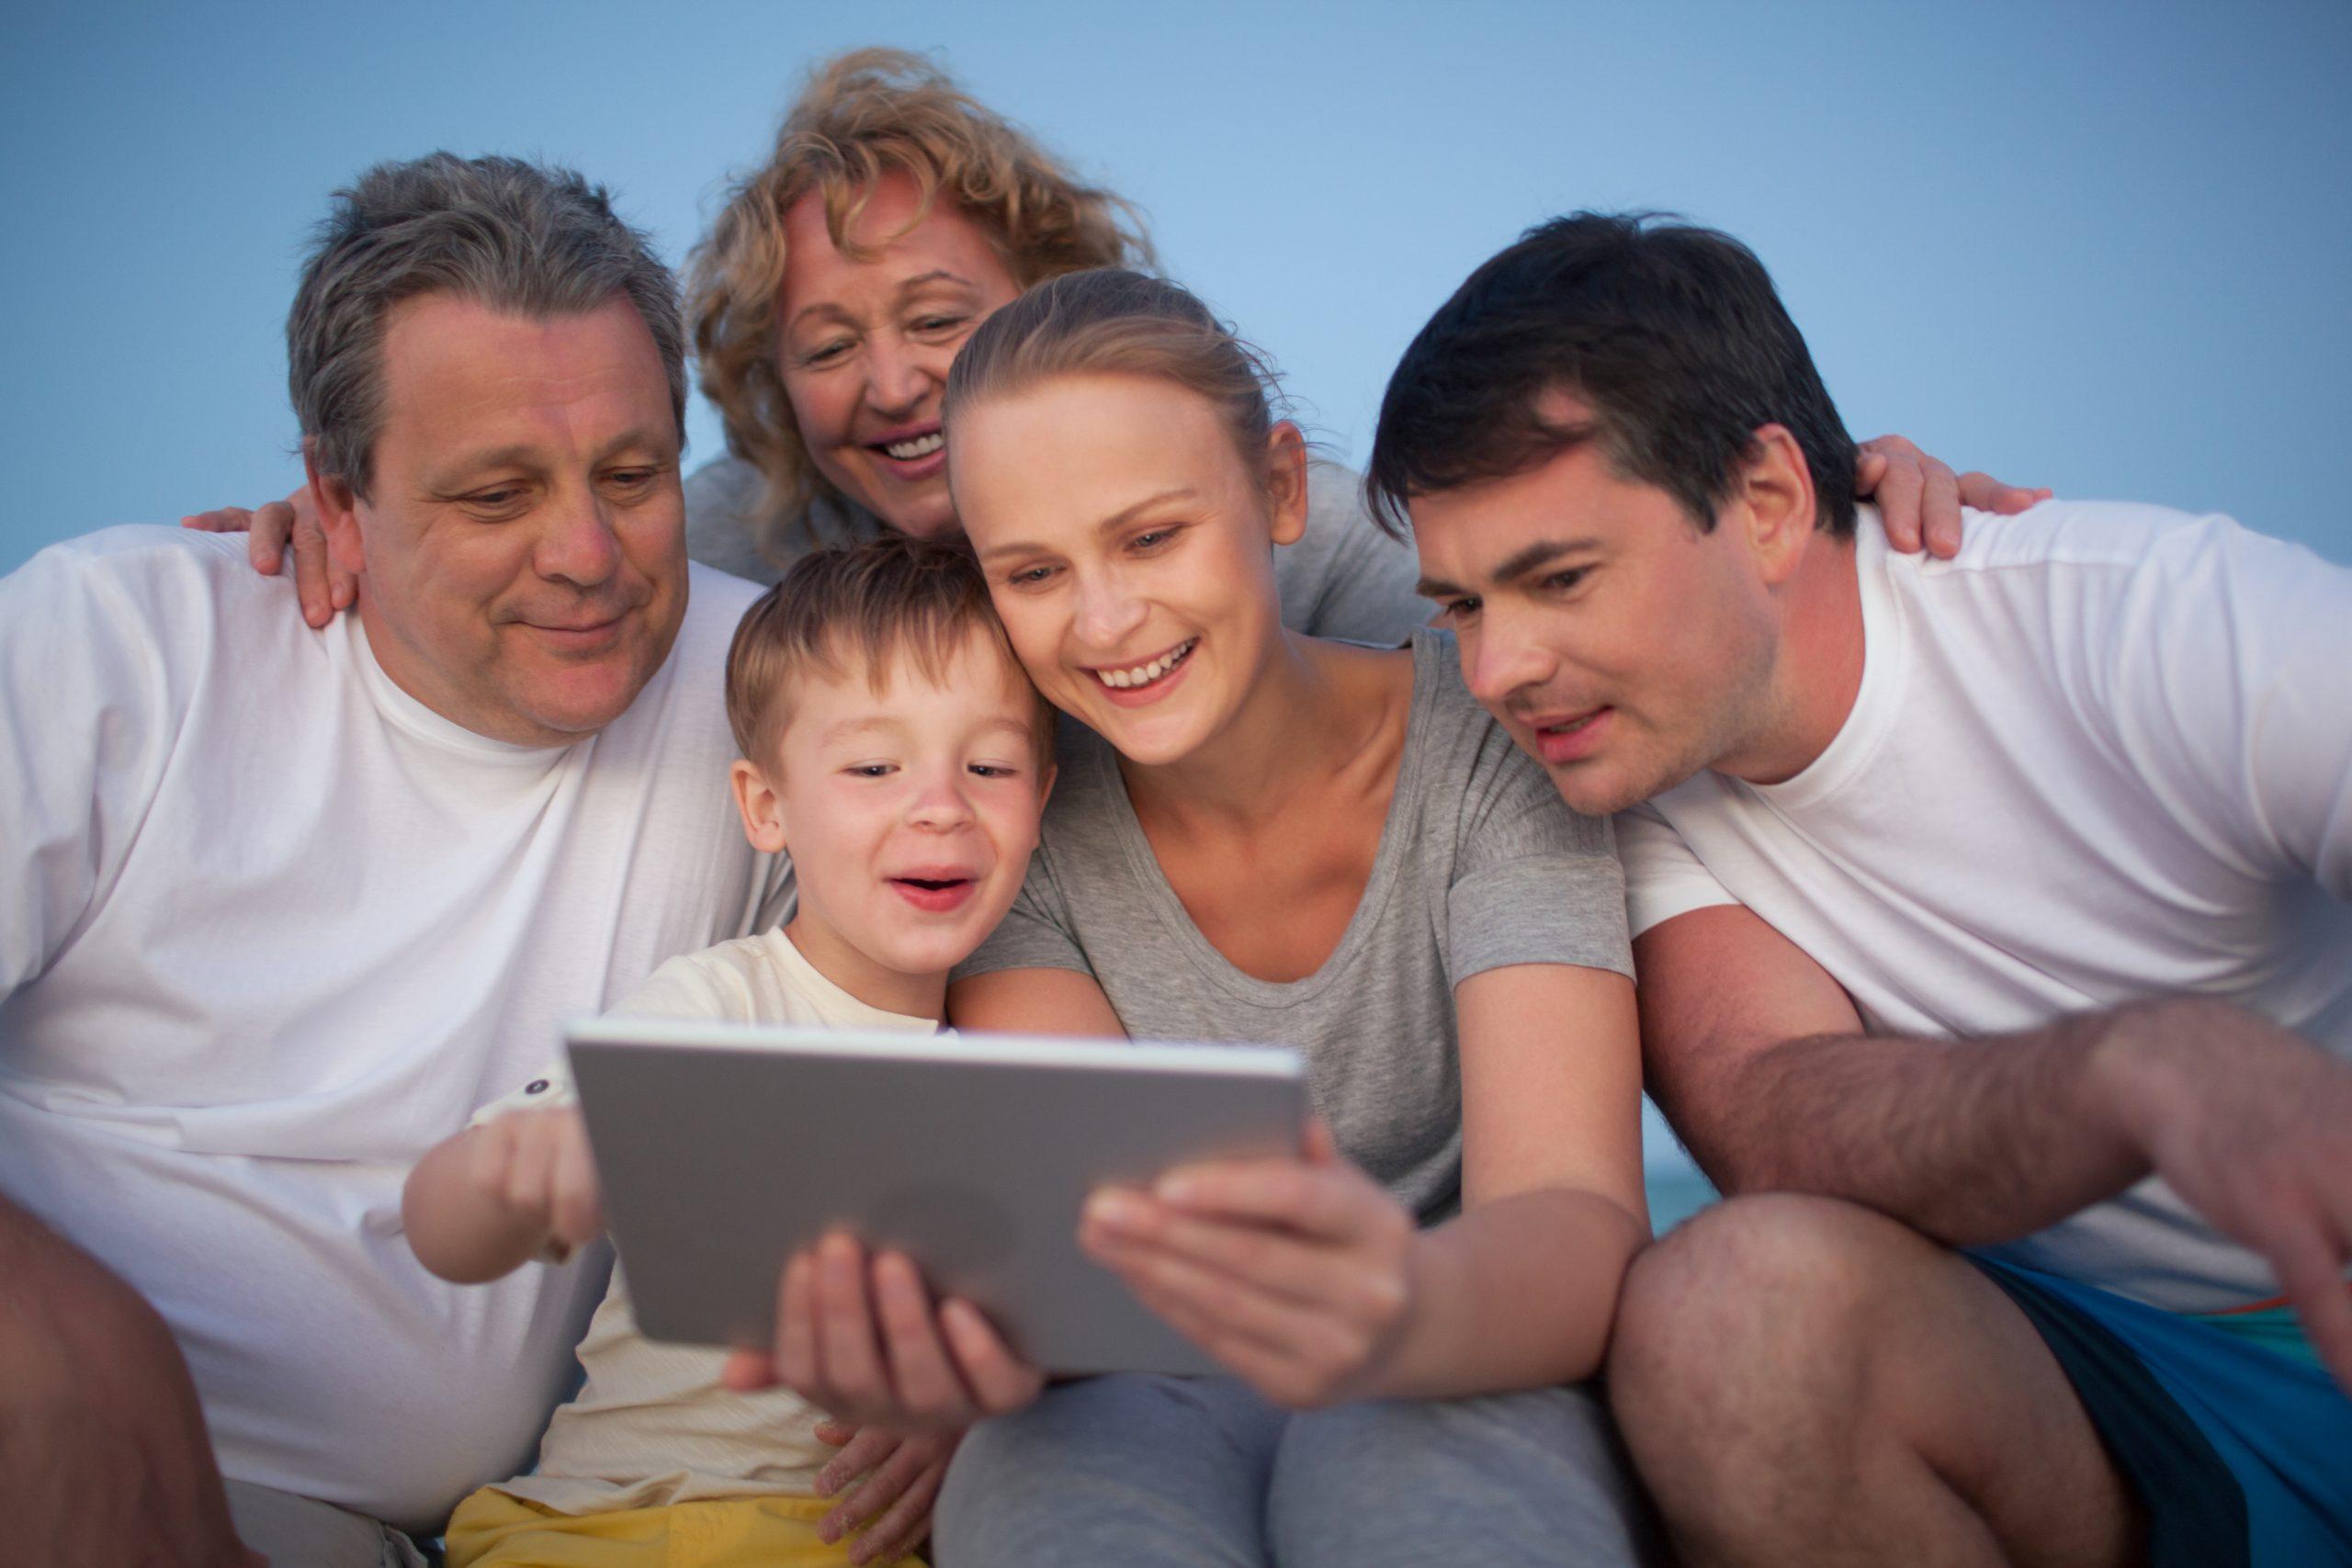 O mijn hemel ik ken geen enkele familie die zo overdreven met z'n allen naar een iPad zit te kijken hou alsjeblieft op met me